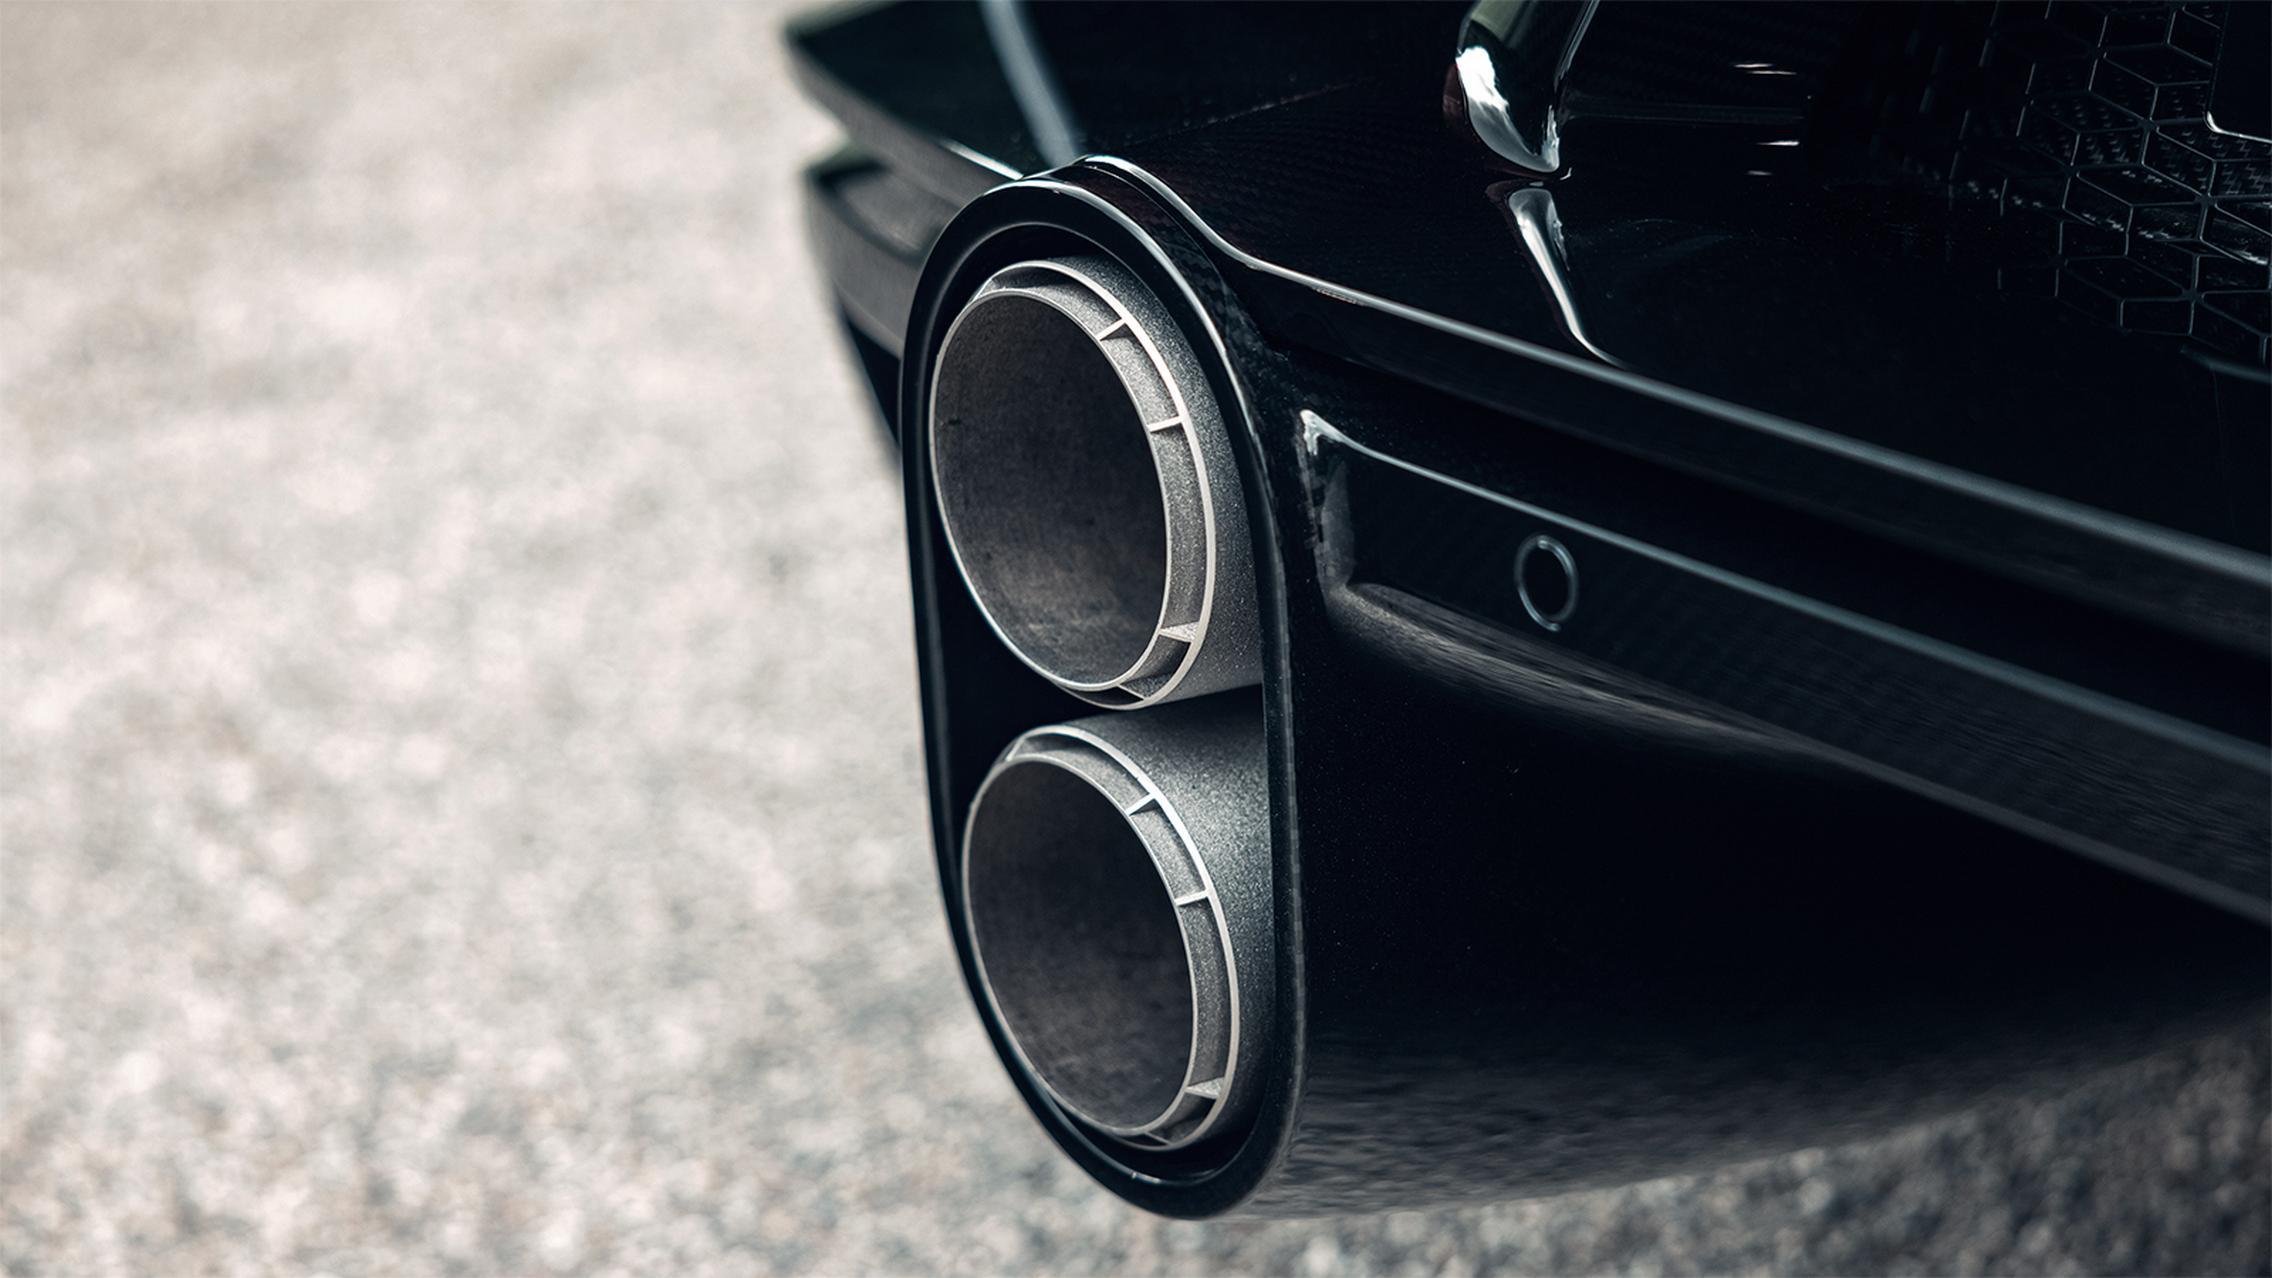 Bugatti Chiron Super Sport exhaust pipes